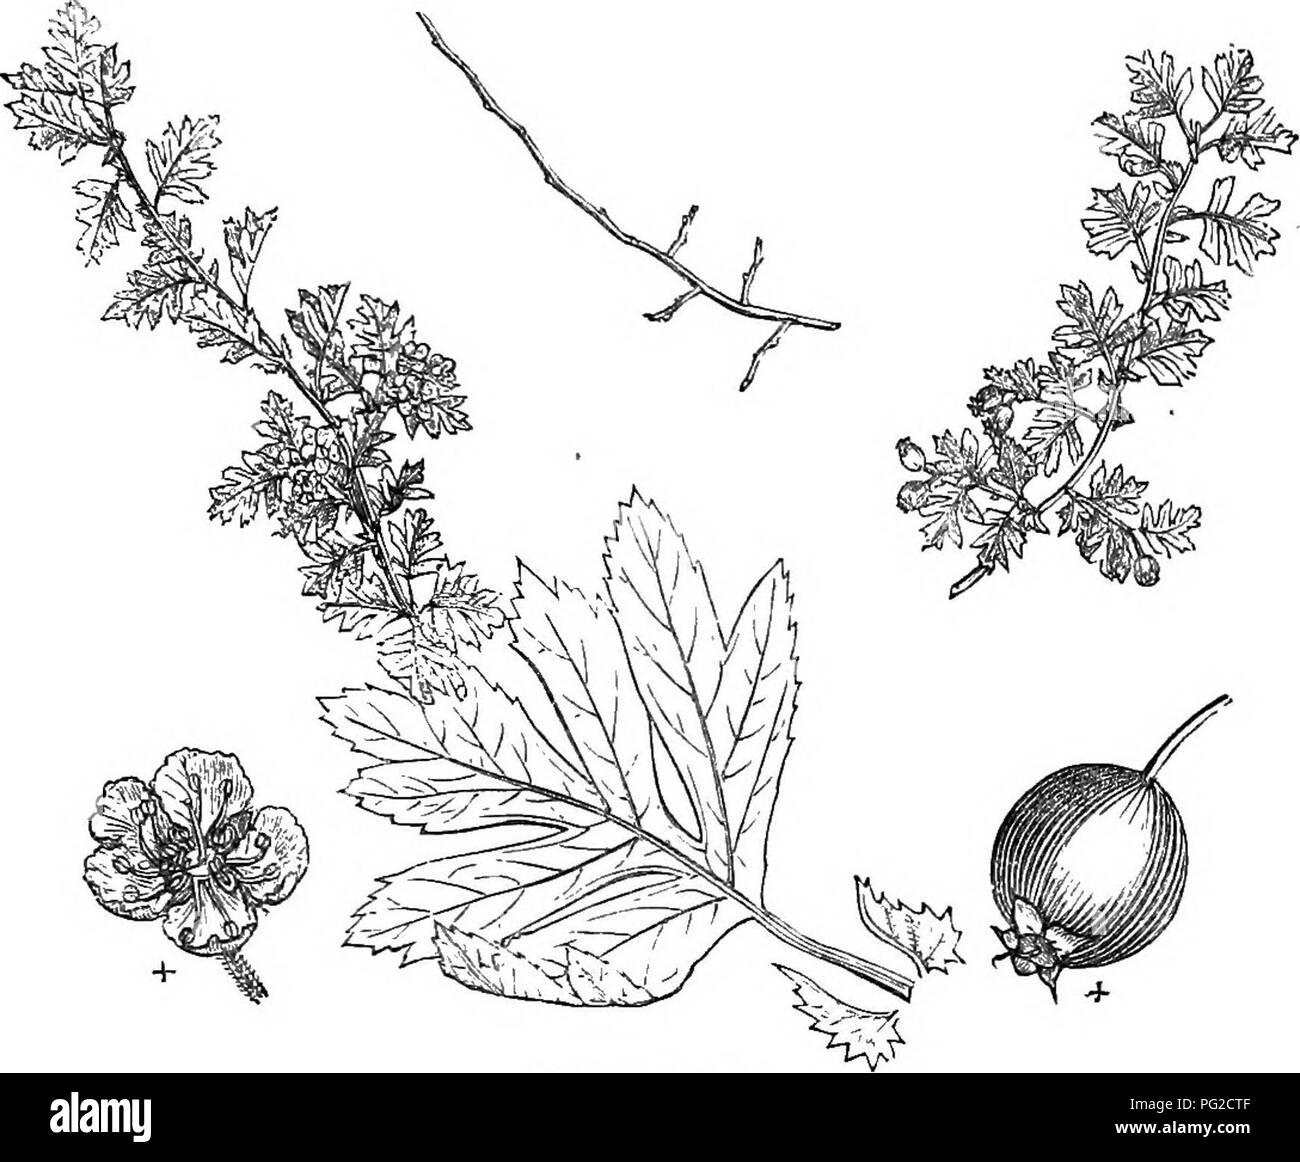 . Los árboles y arbustos : una versión abreviada del Arboretum et fruticetum britannicum : contienen los hardy schrubs y árboles de Gran Bretaña, nativos y extranjeros, y científicamente descrito popular : con su propagación, cultivo y usos y grabados de casi todas las especies. Los árboles, los arbustos, los bosques y la silvicultura. XXVI. BOSA^^ :'CE CRATa;^GUS. 373. 6S9. C. t. glkbra. más llamativo en apariencia, desde sus grandes y follaje profundamente cortados, y su fuerte, vertical, vigorosos retoños.. Por favor tenga en cuenta que estas imágenes son extraídas de la página escaneada imágenes que podrían haber sido mejoradas digitalmente para mejorar la legibilidad Foto de stock